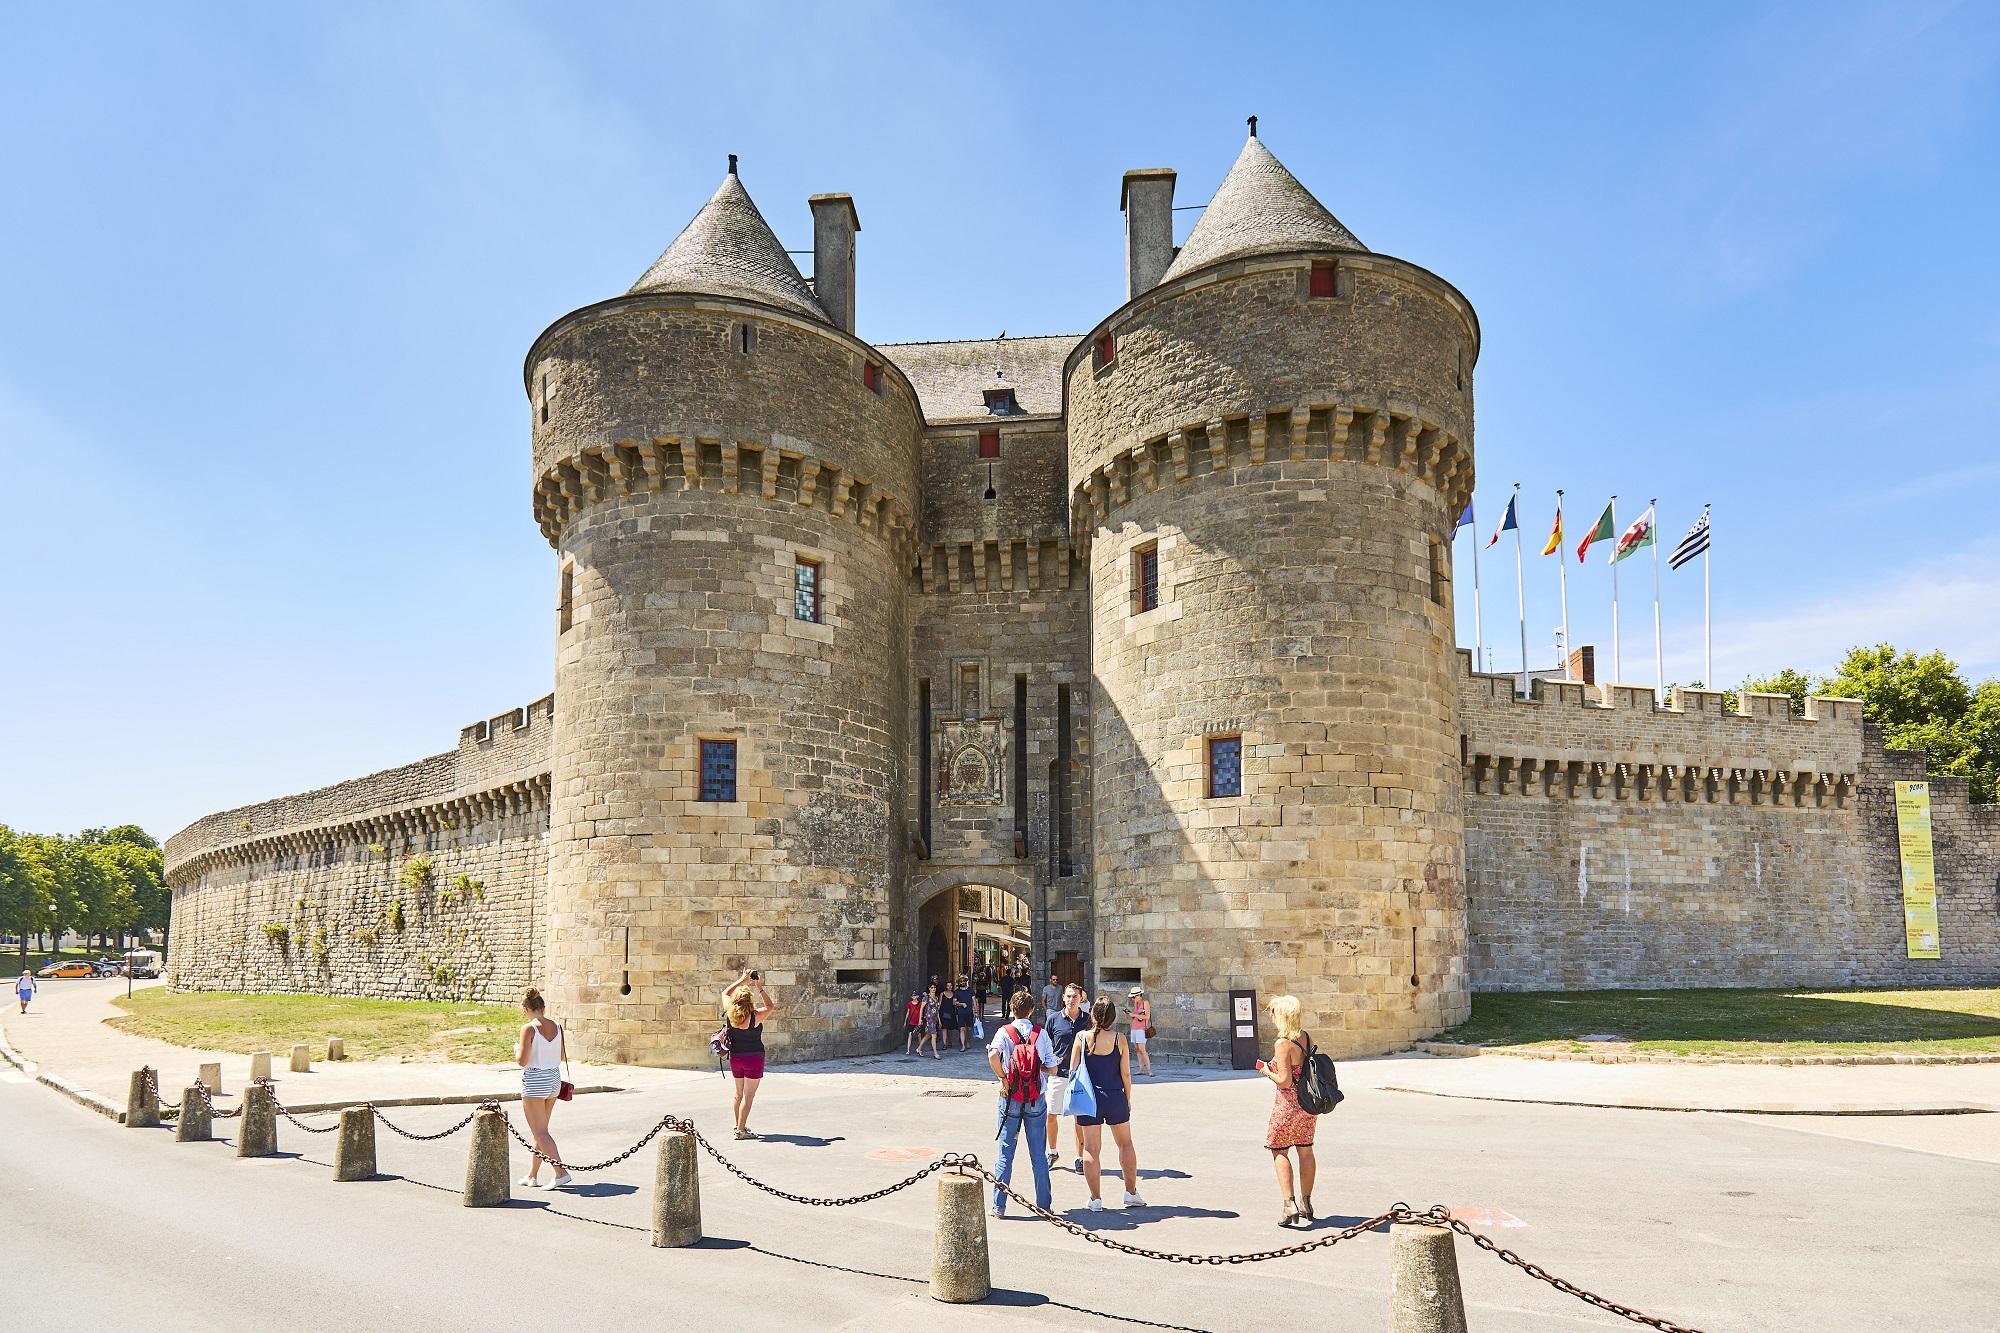 Cité médiévale de Guérande - Porte Saint-Michel - Alexandre Lamoureux - © Alexandre Lamoureux